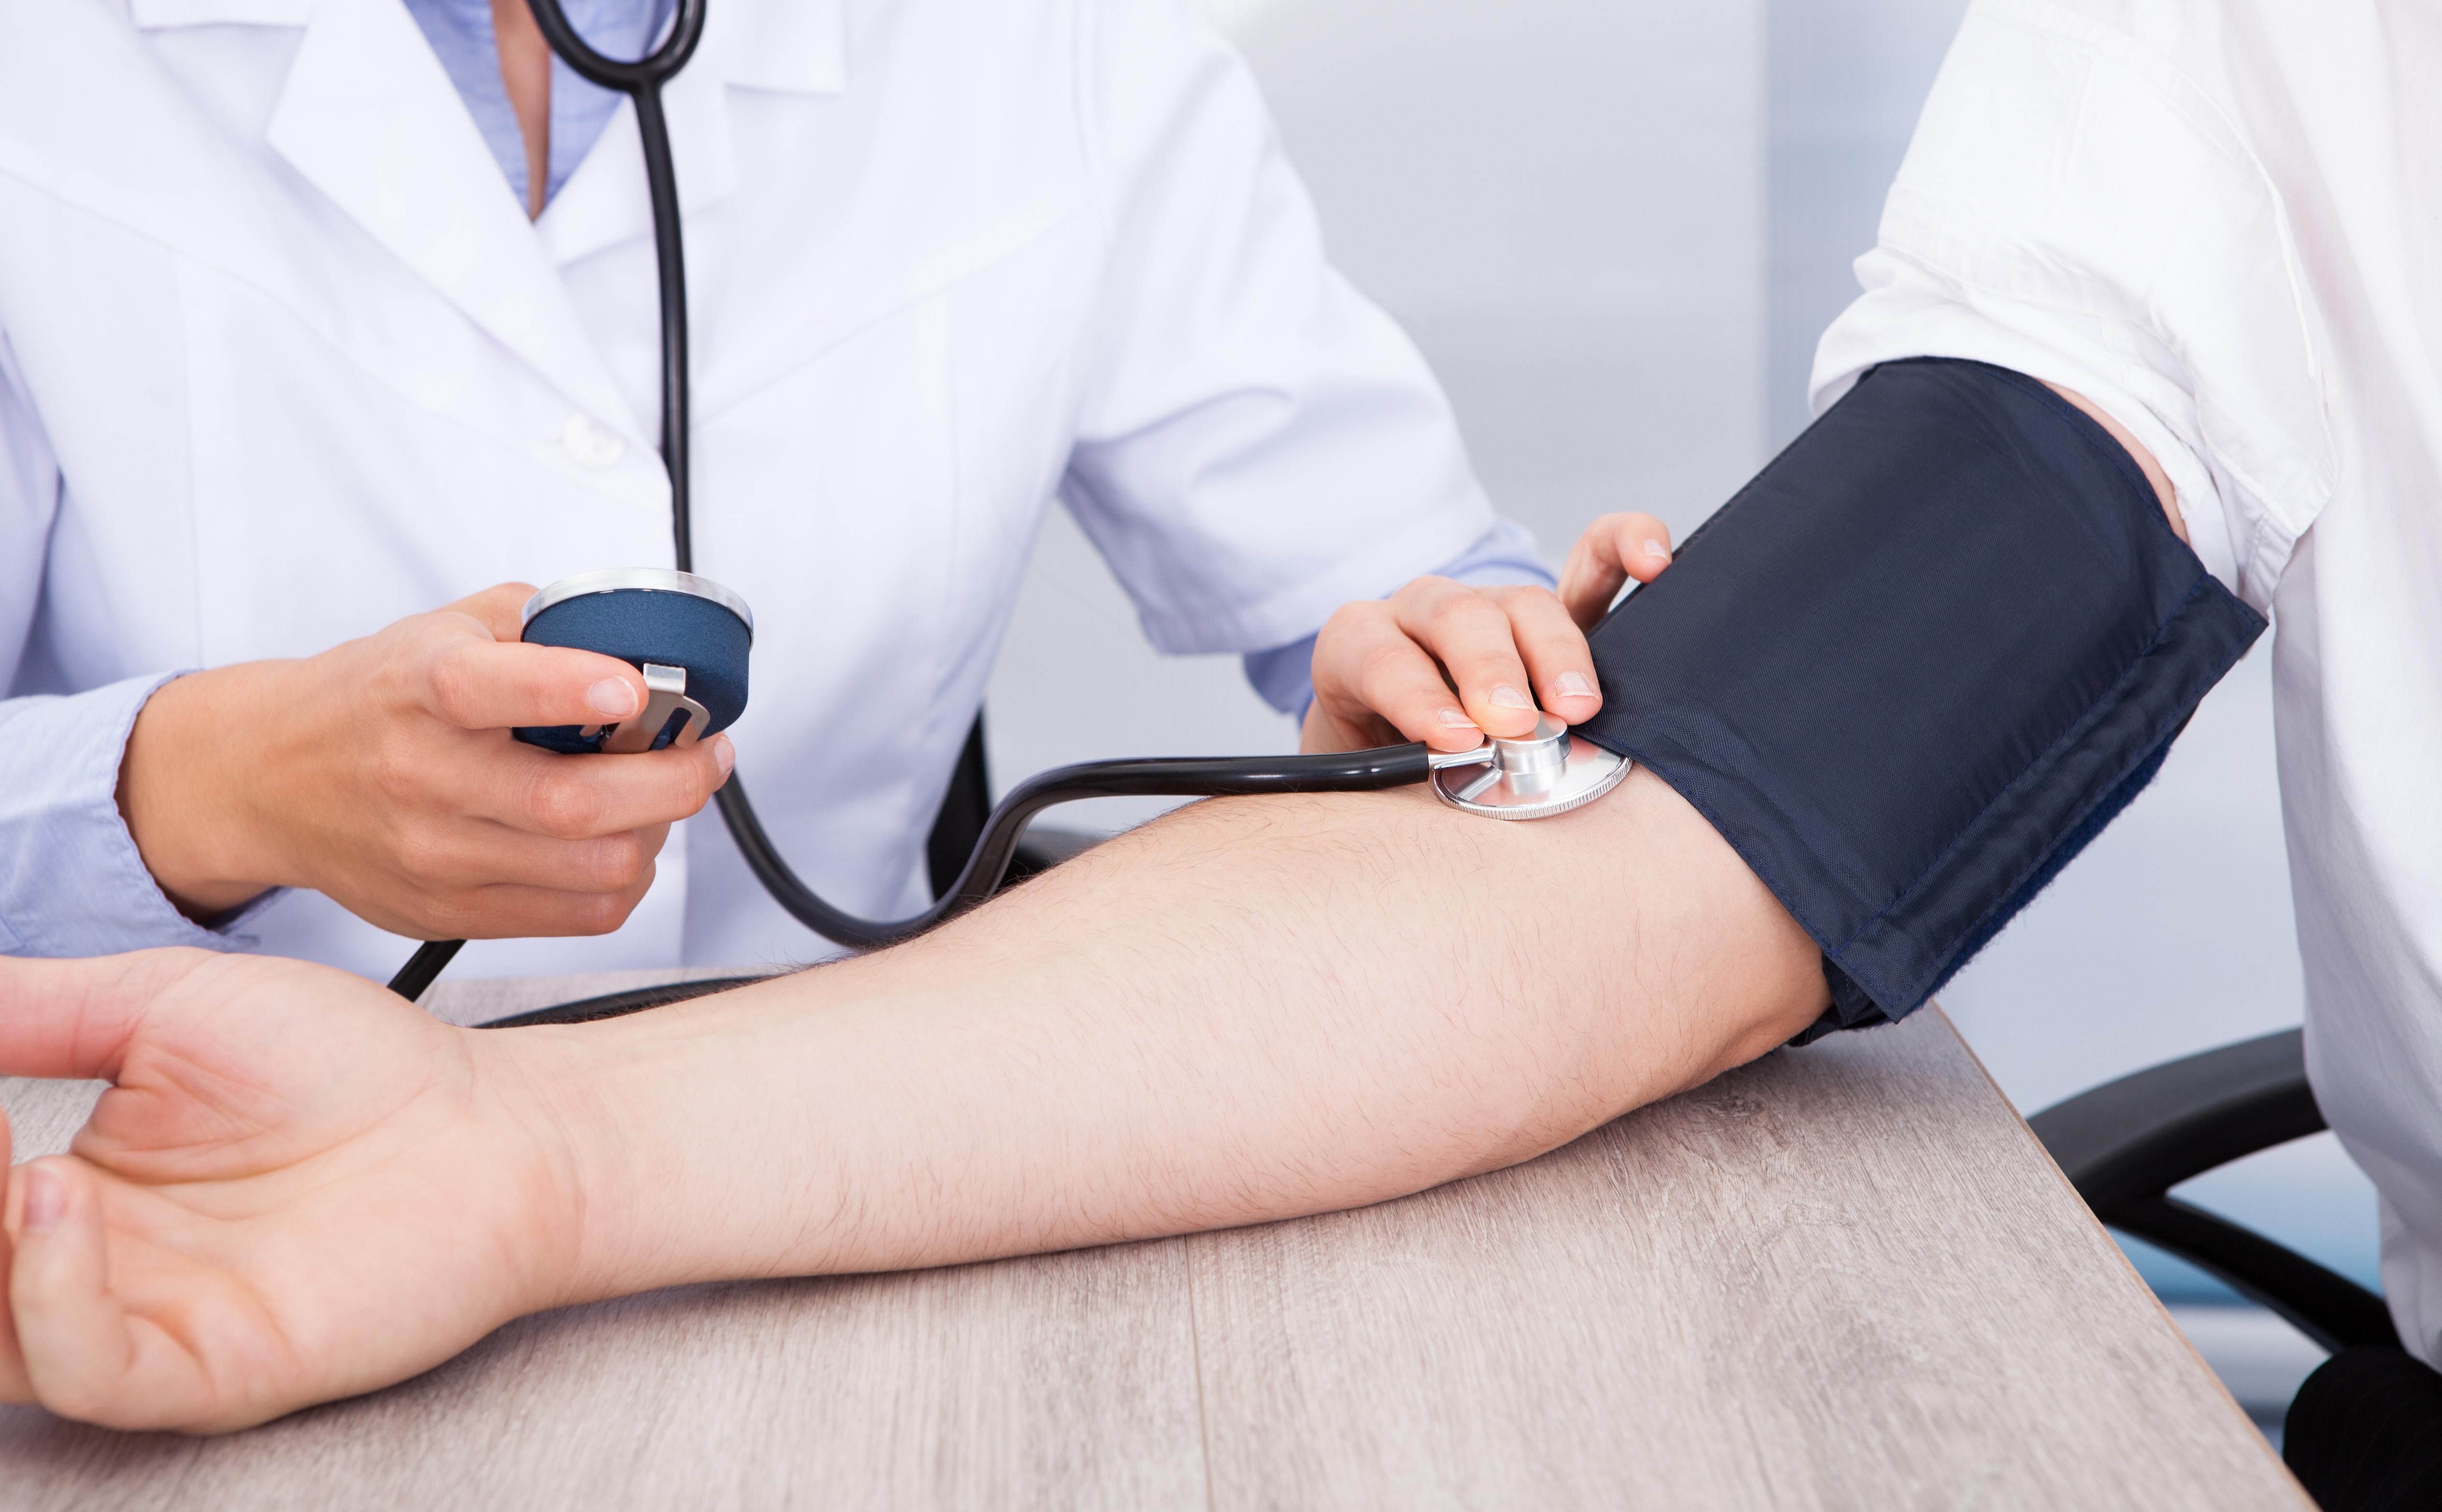 magas vérnyomás 2 fokú kockázati 2 fokozat 1 fokozat magas vérnyomás népi gyógymódok hogyan lehet csökkenteni a vérnyomást